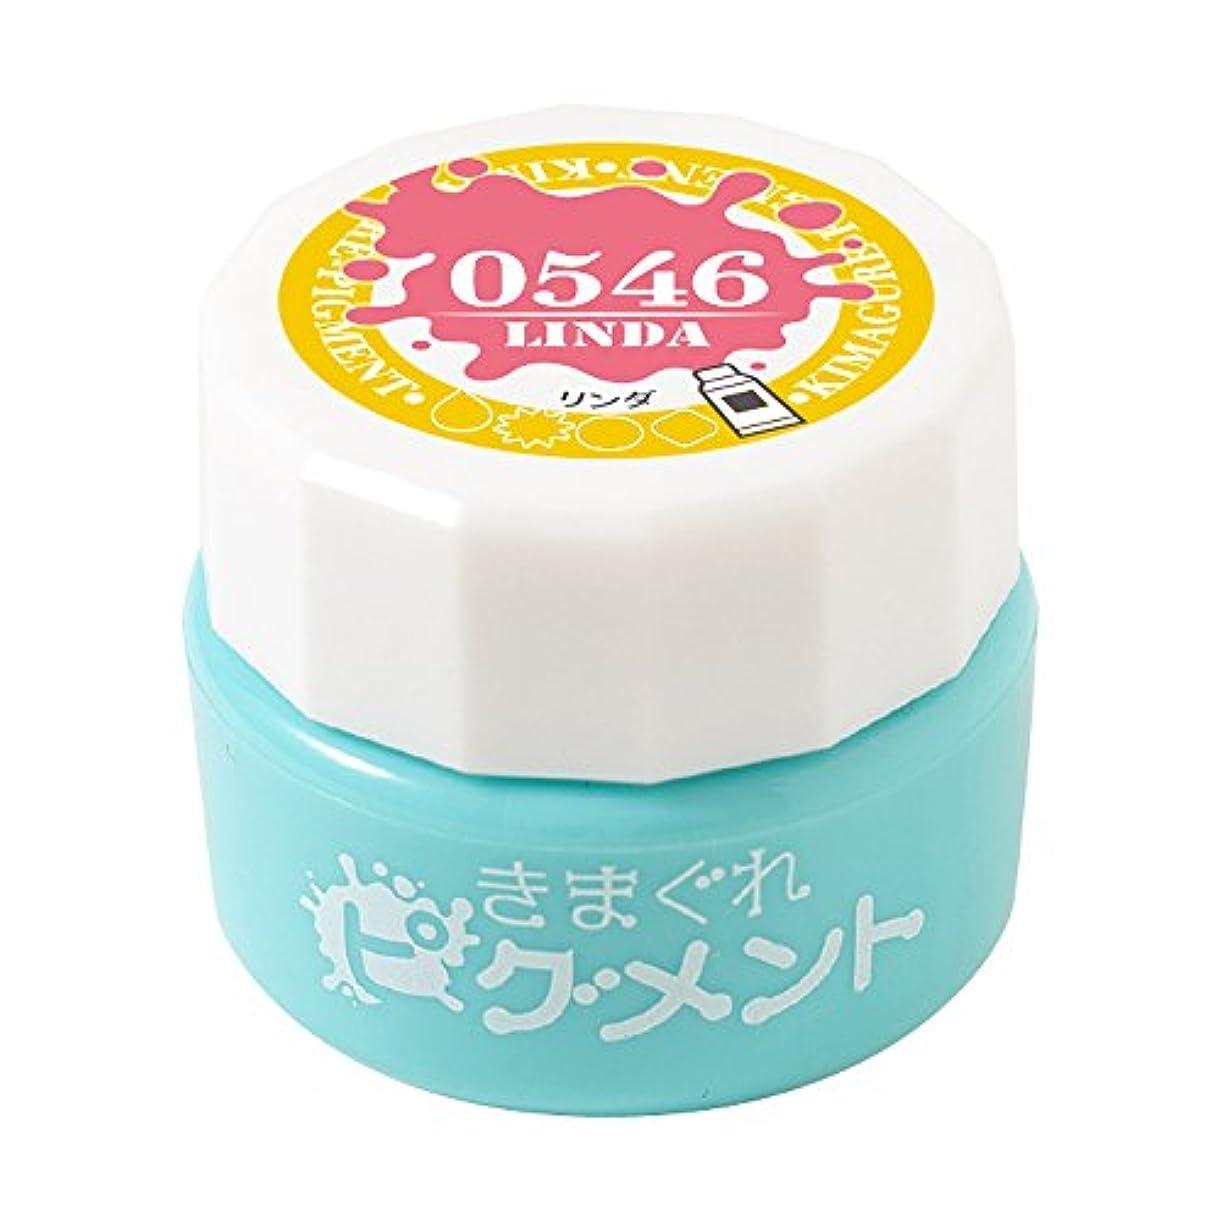 おしゃれなスラム絵Bettygel きまぐれピグメント リンダ QYJ-0546 4g UV/LED対応